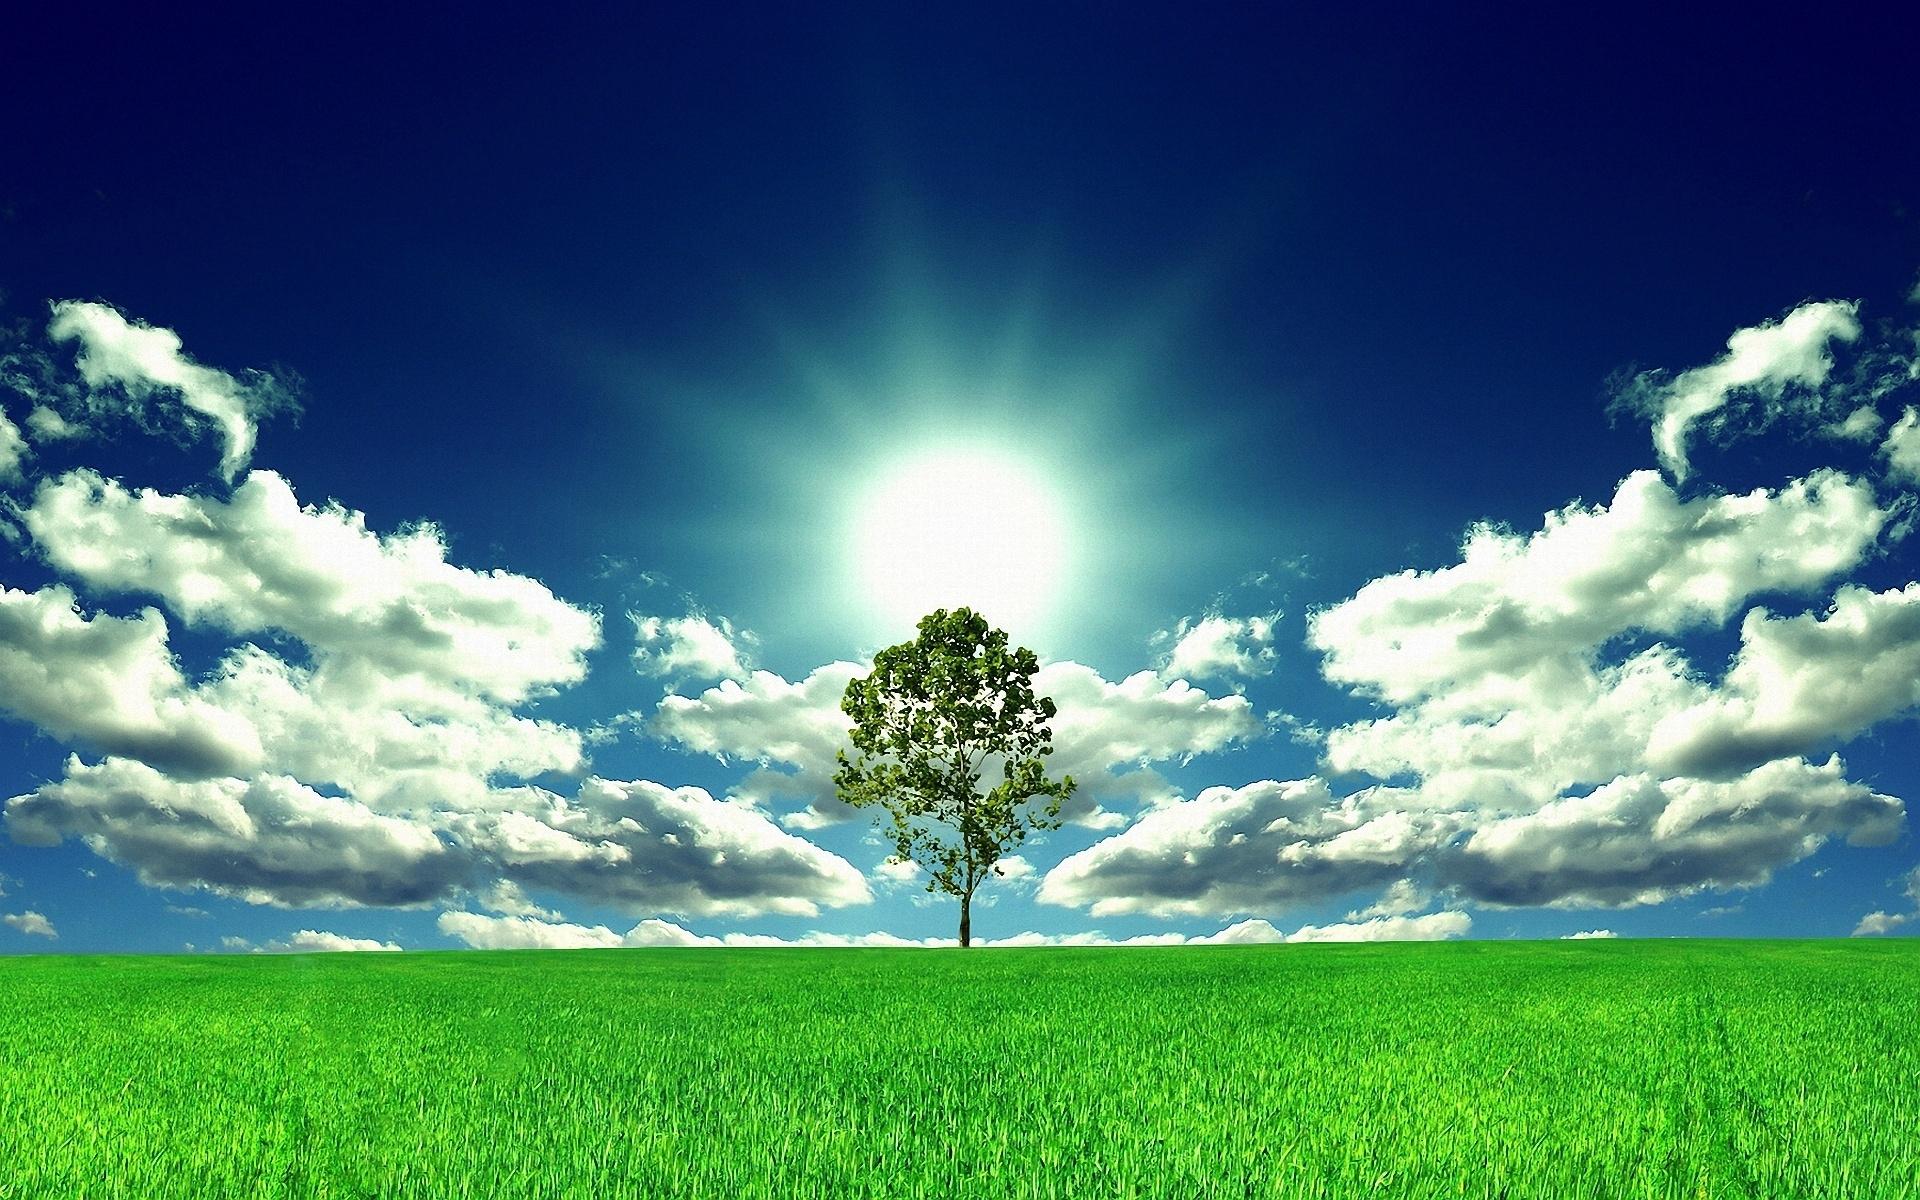 красивые картинки неба и земли то